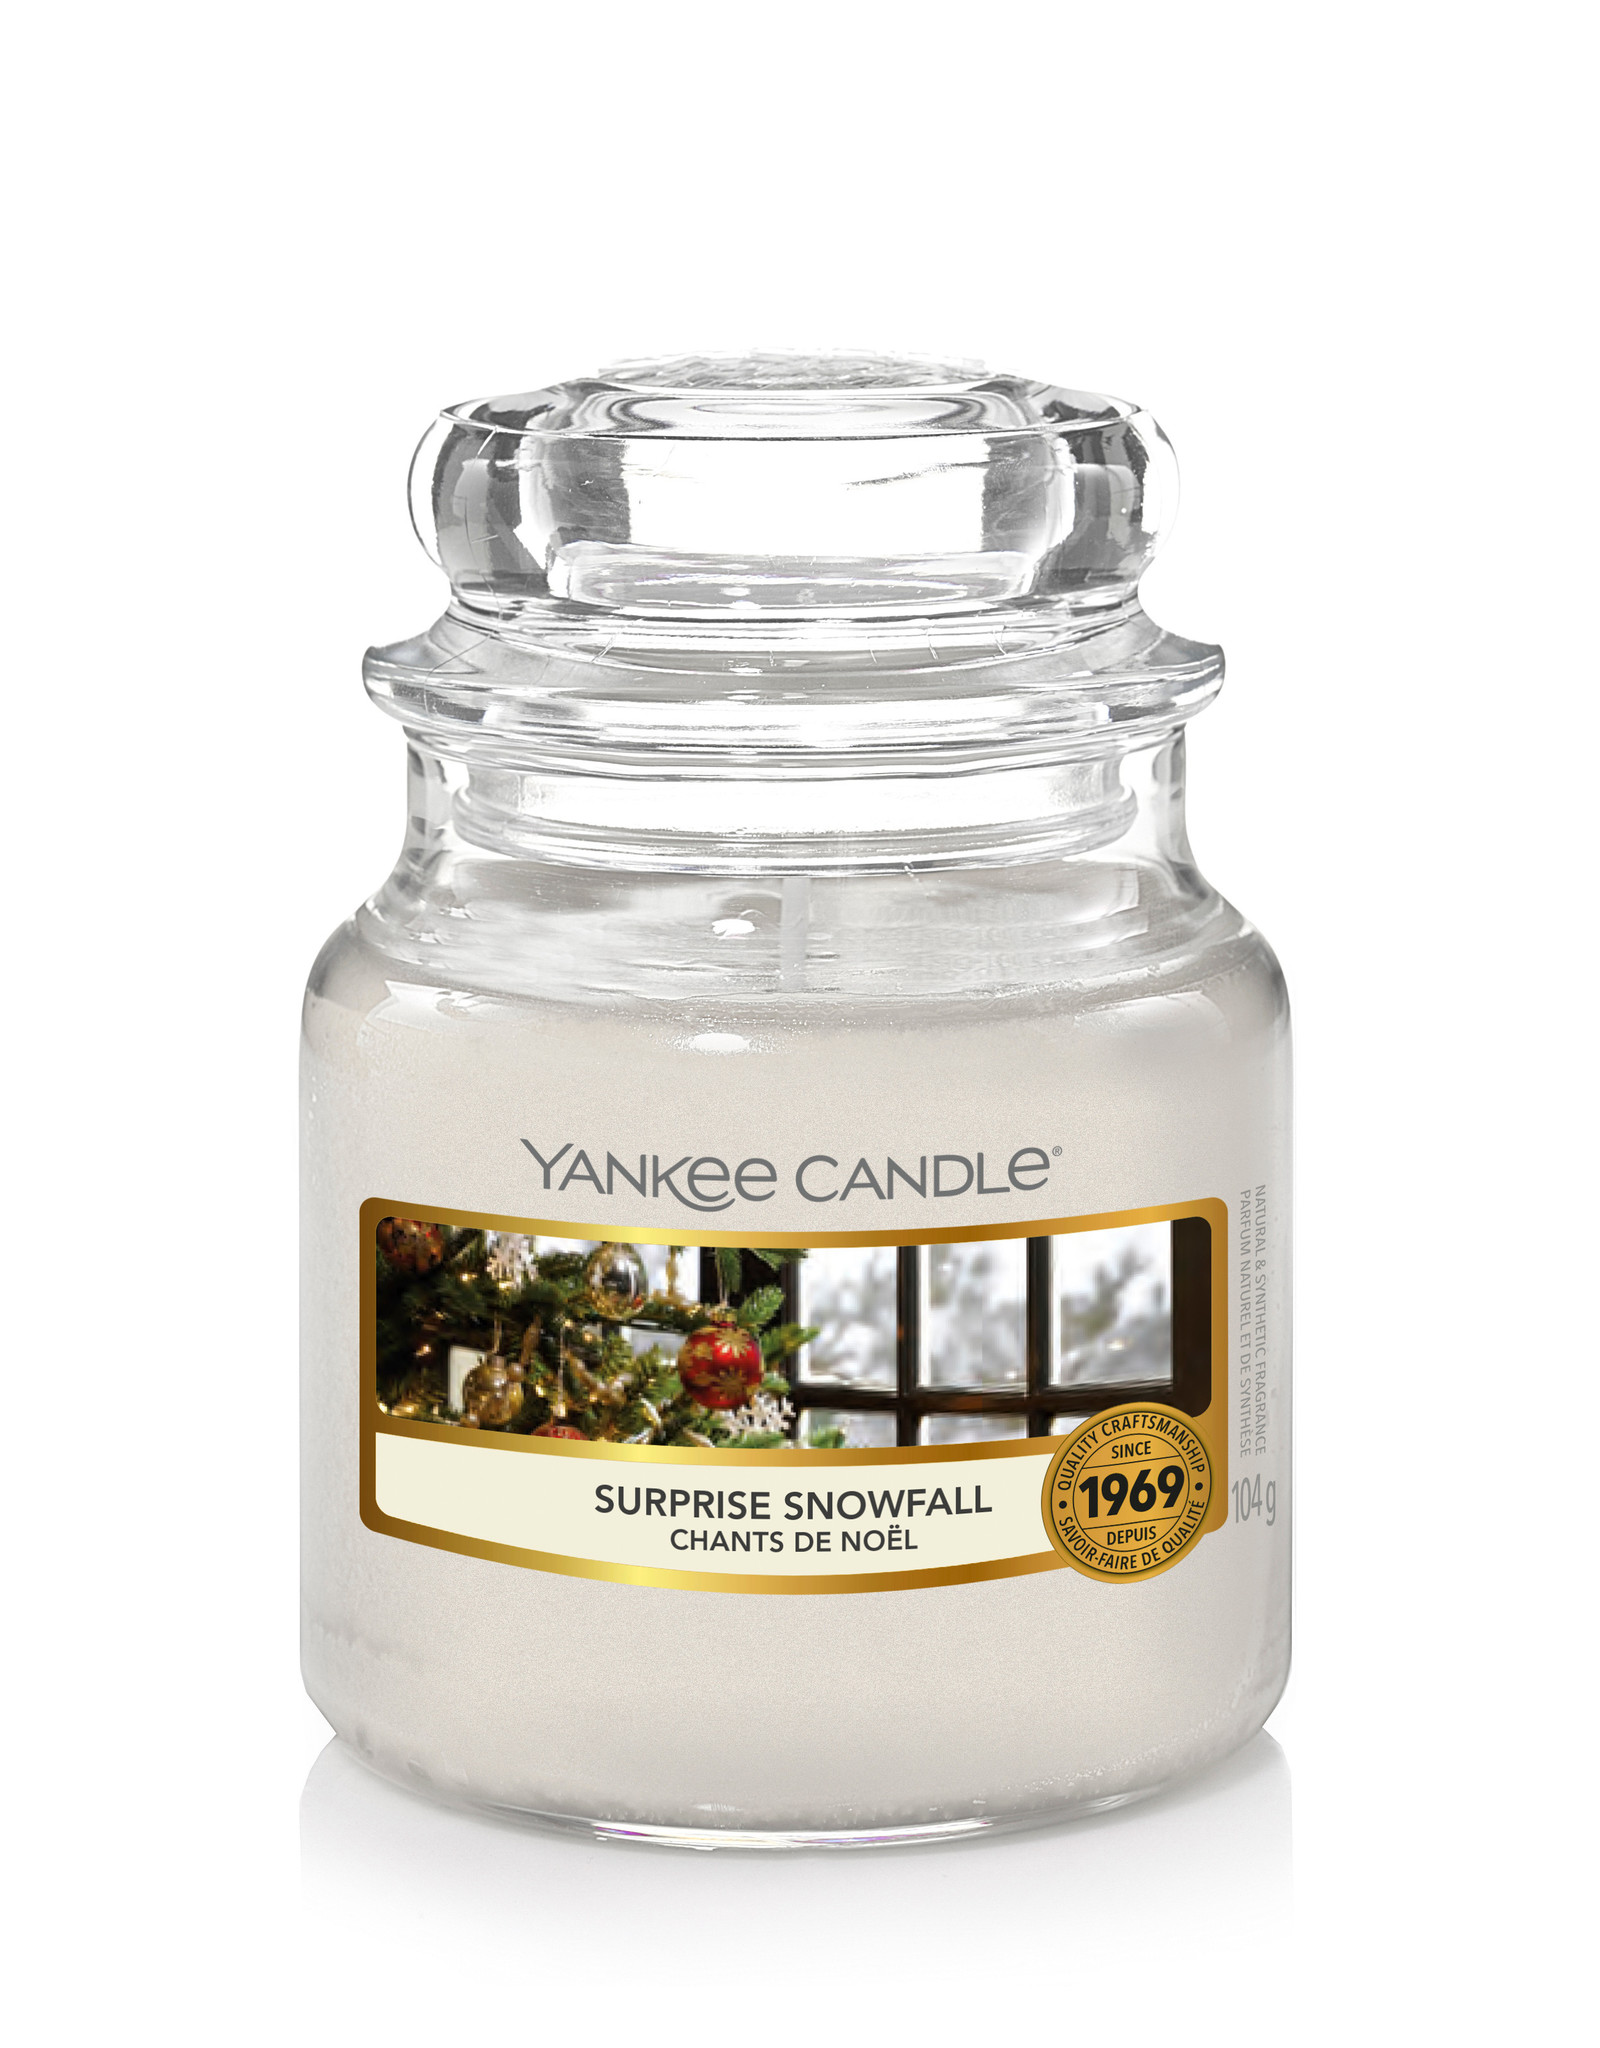 Yankee Candle Suprise Snowfall Small Jar